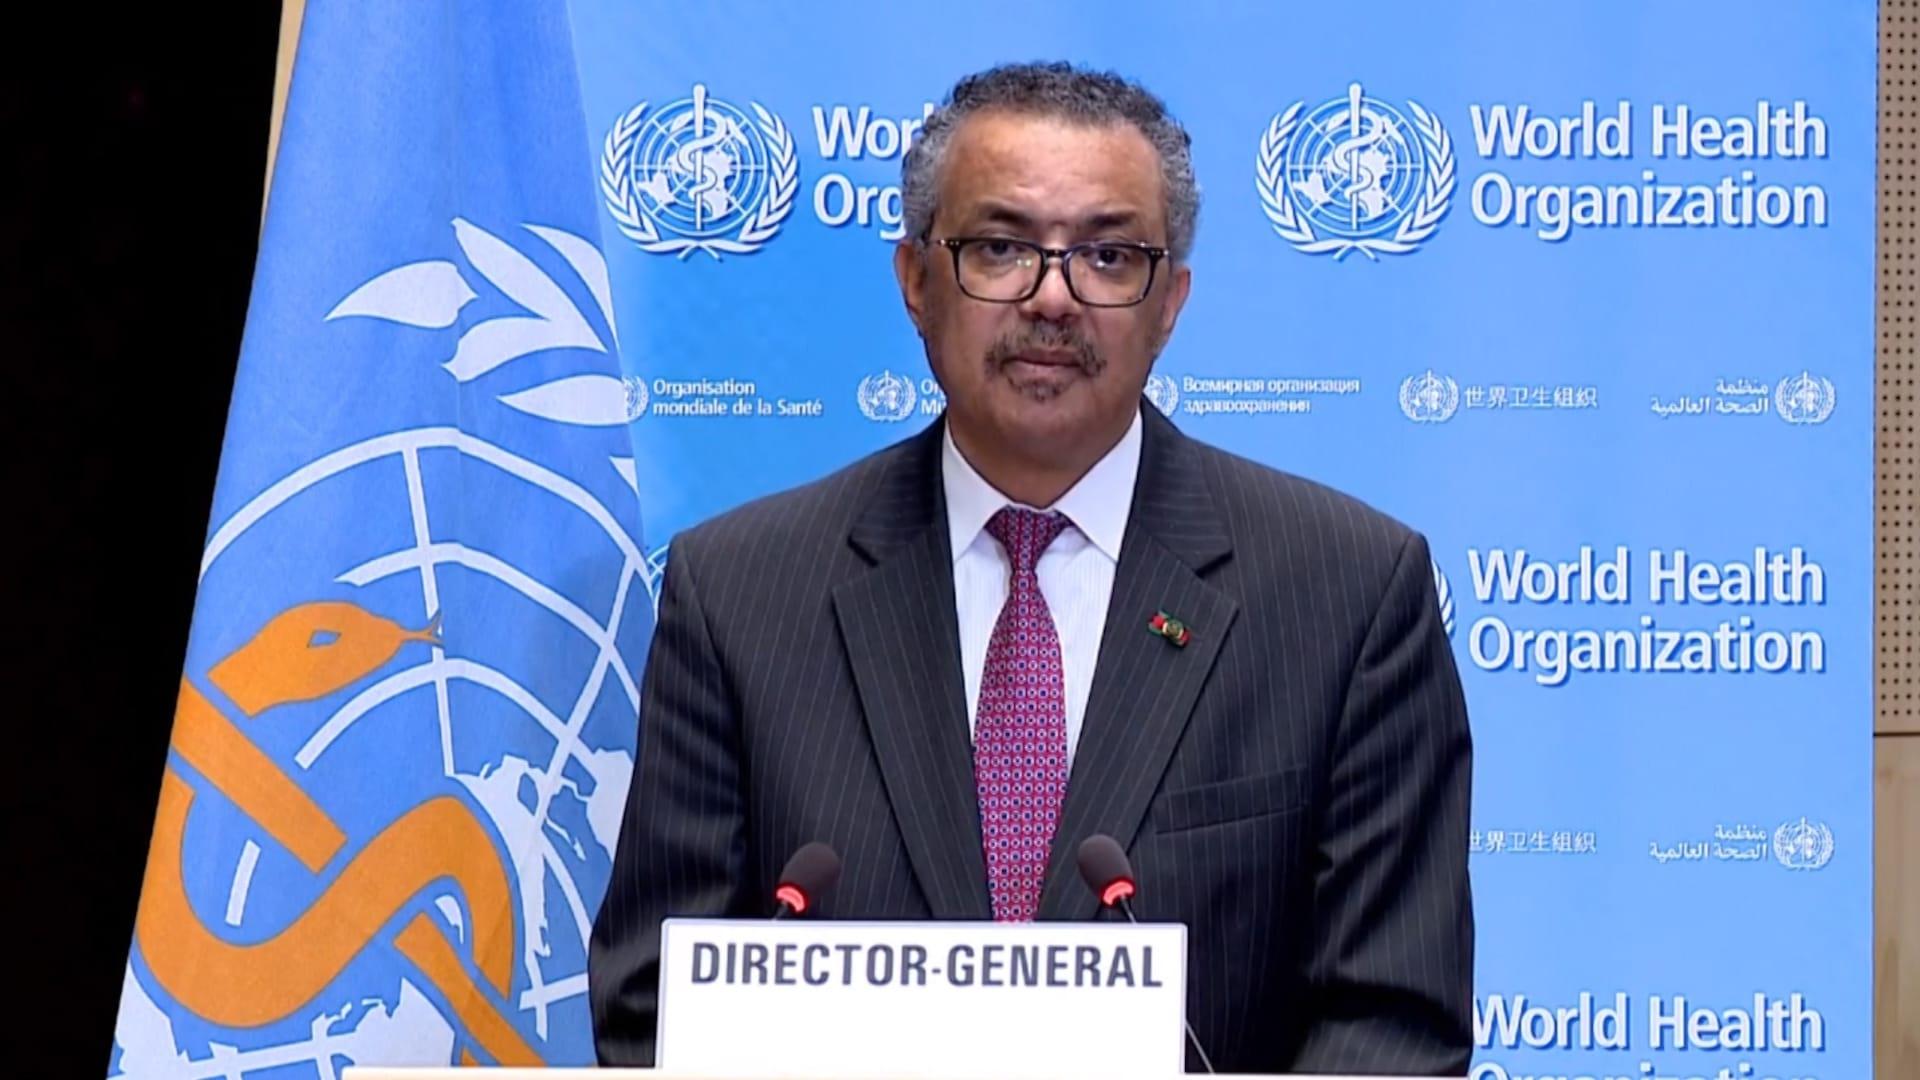 مدير الصحة العالمية: وفيات كورونا ستتجاوز إجمالي عام 2020 خلال أسابيع